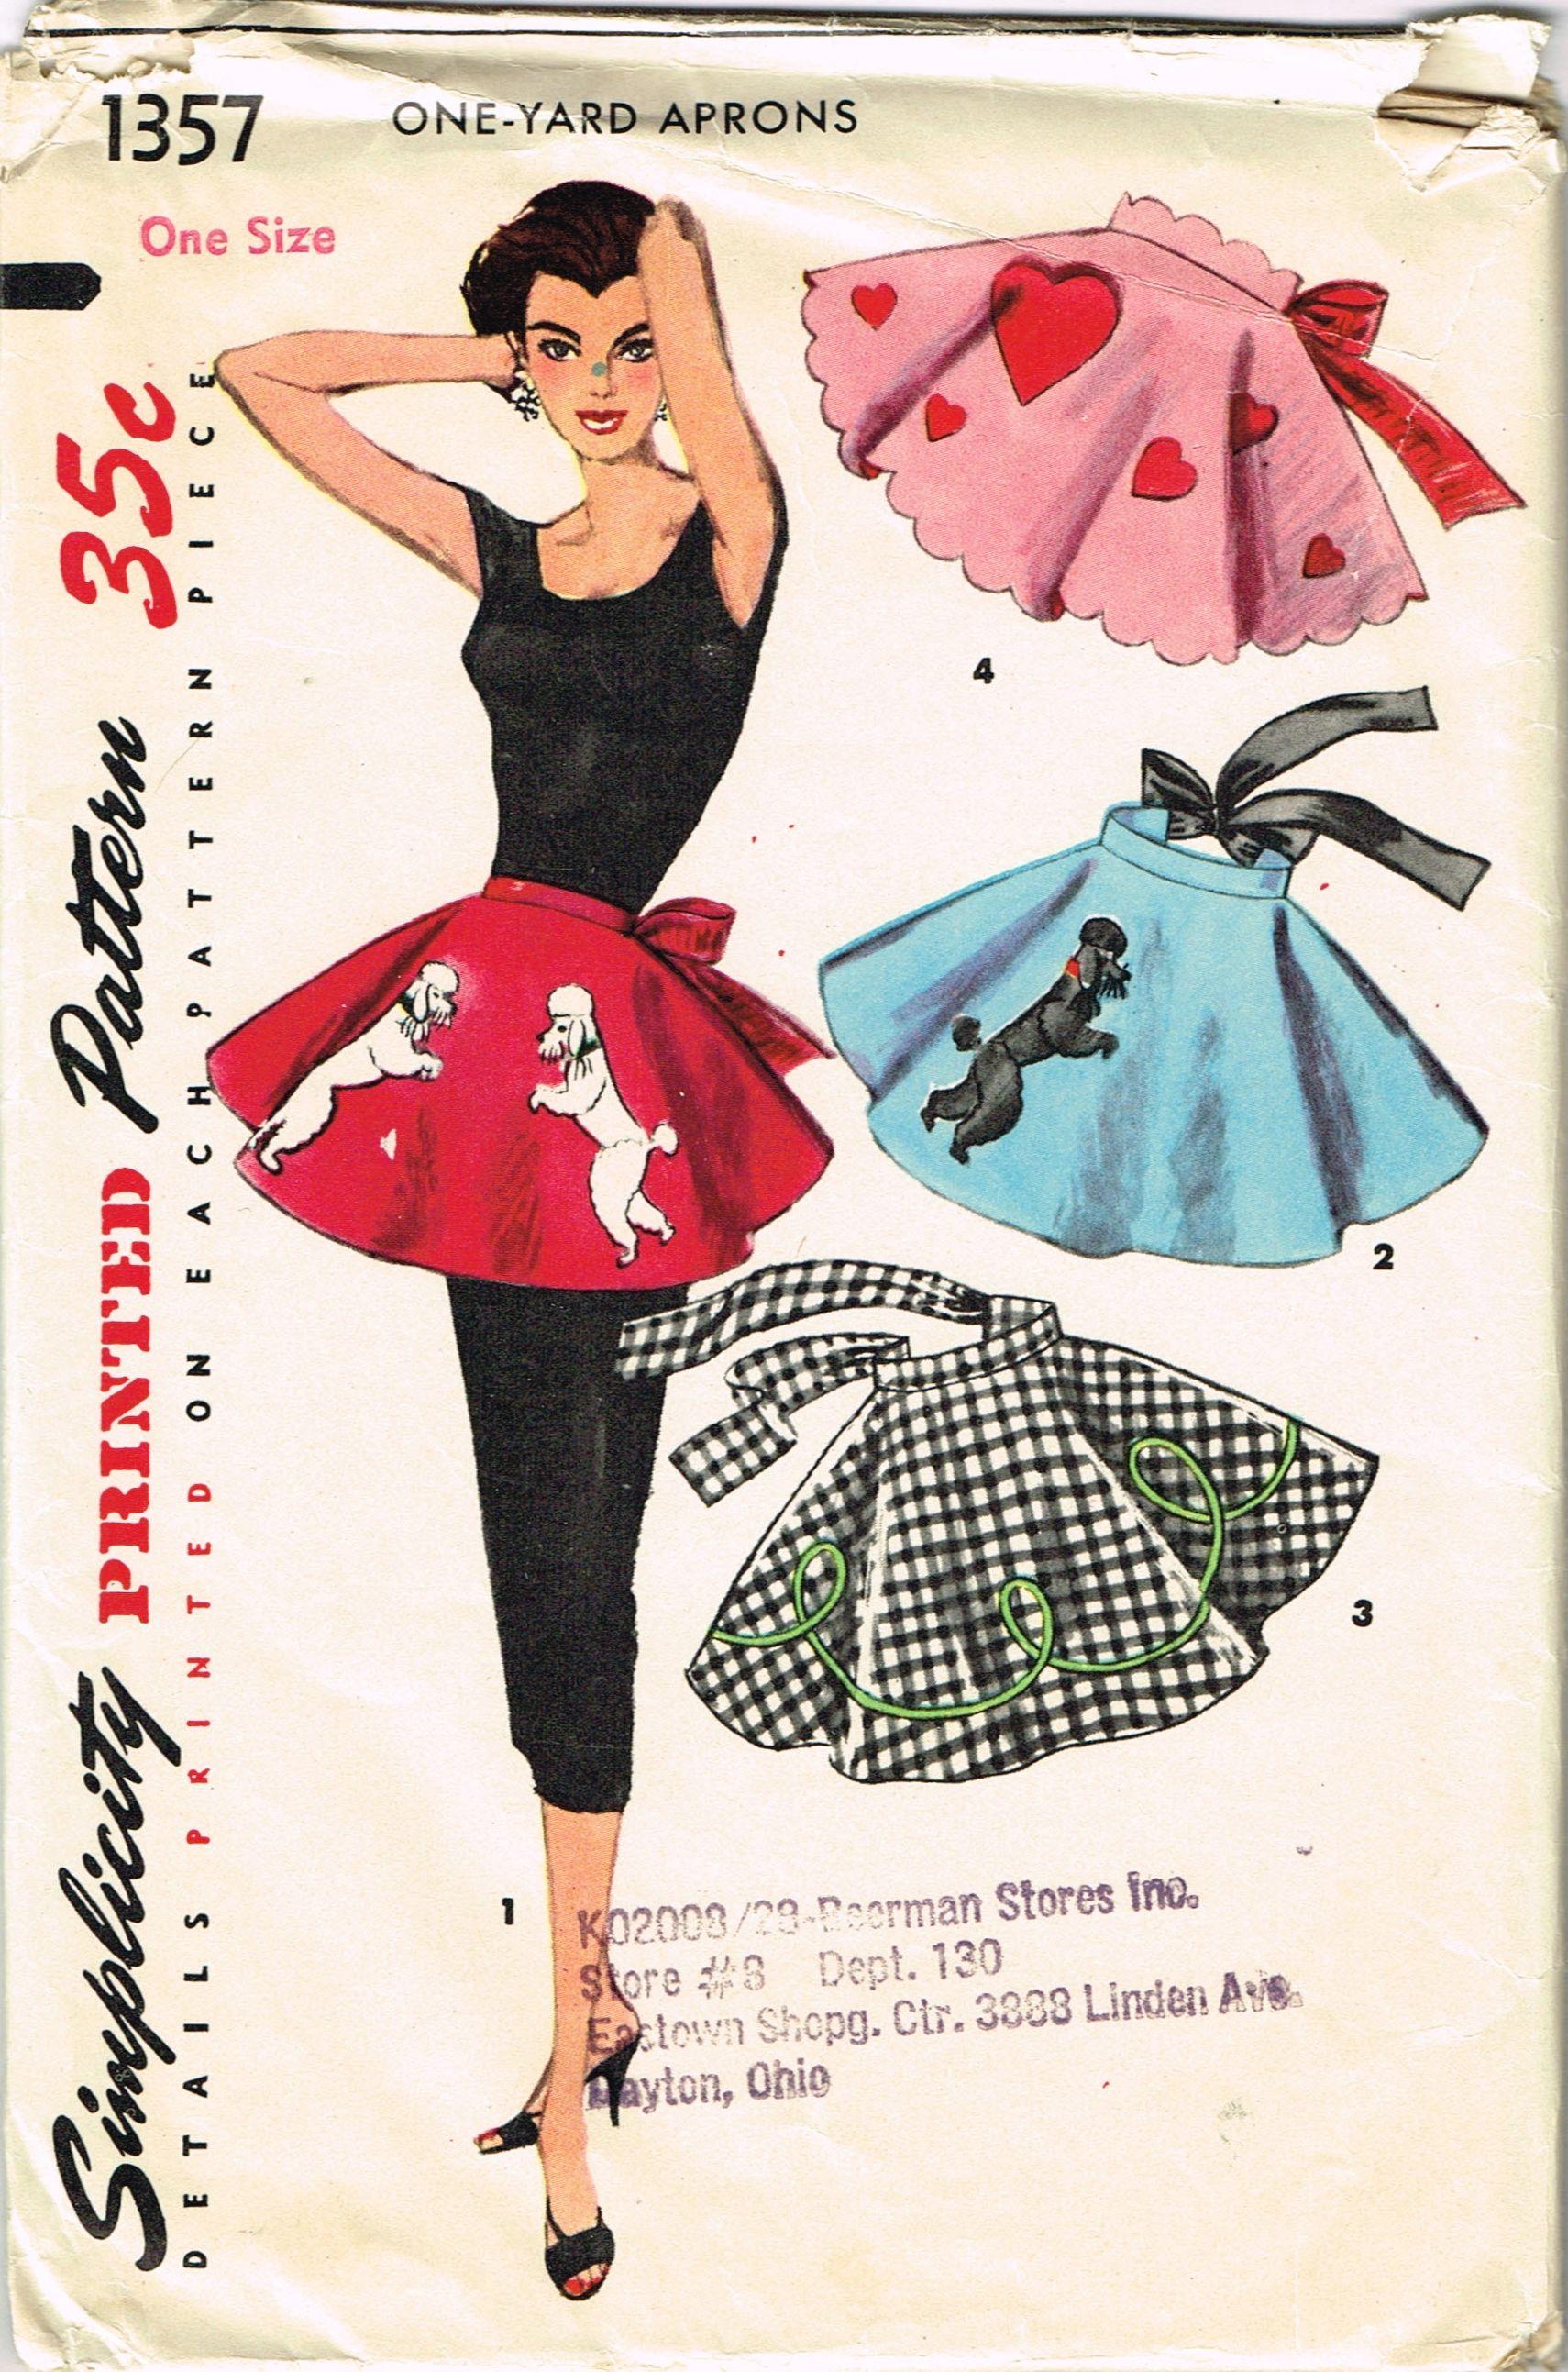 Pin von A S auf My Vintage Sewing Patterns | Pinterest